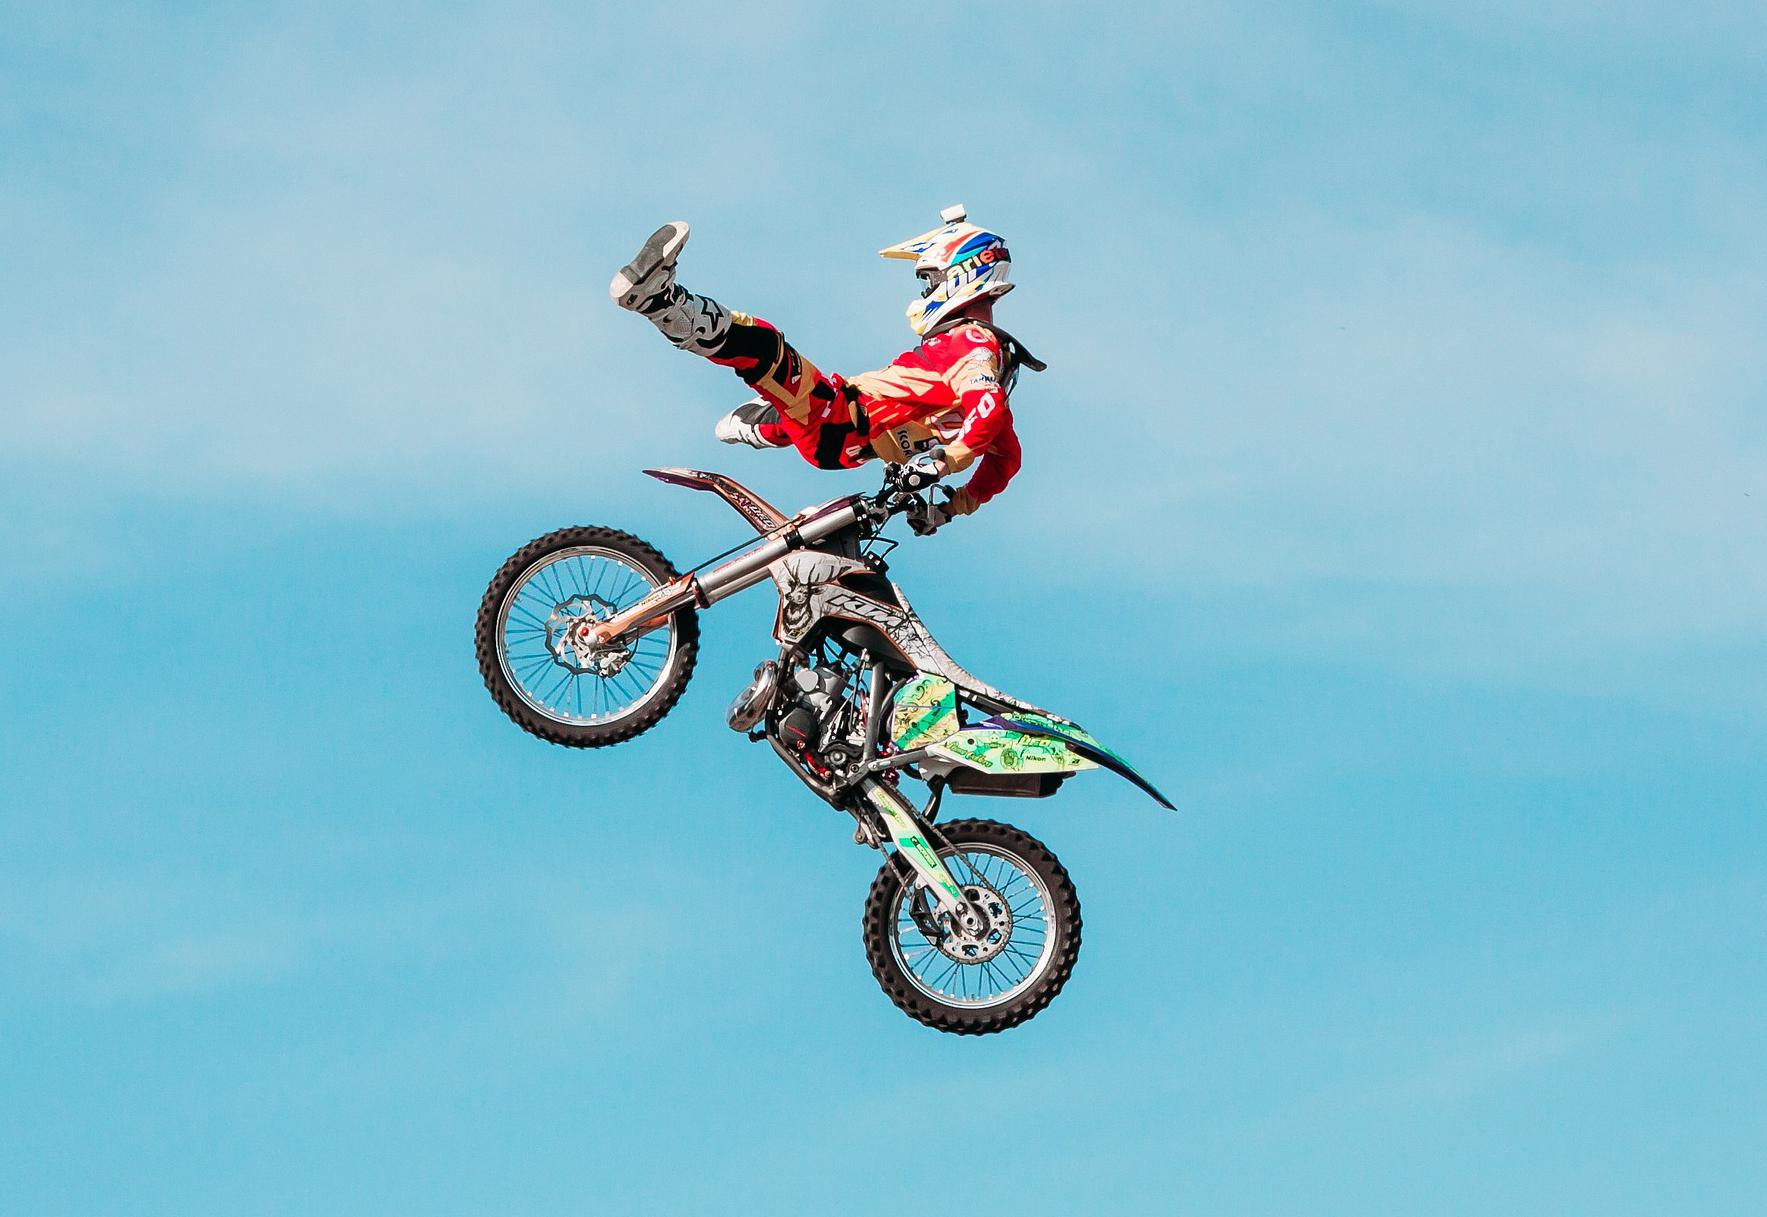 Motocross – Der Sport durchs unwegsame Gelände